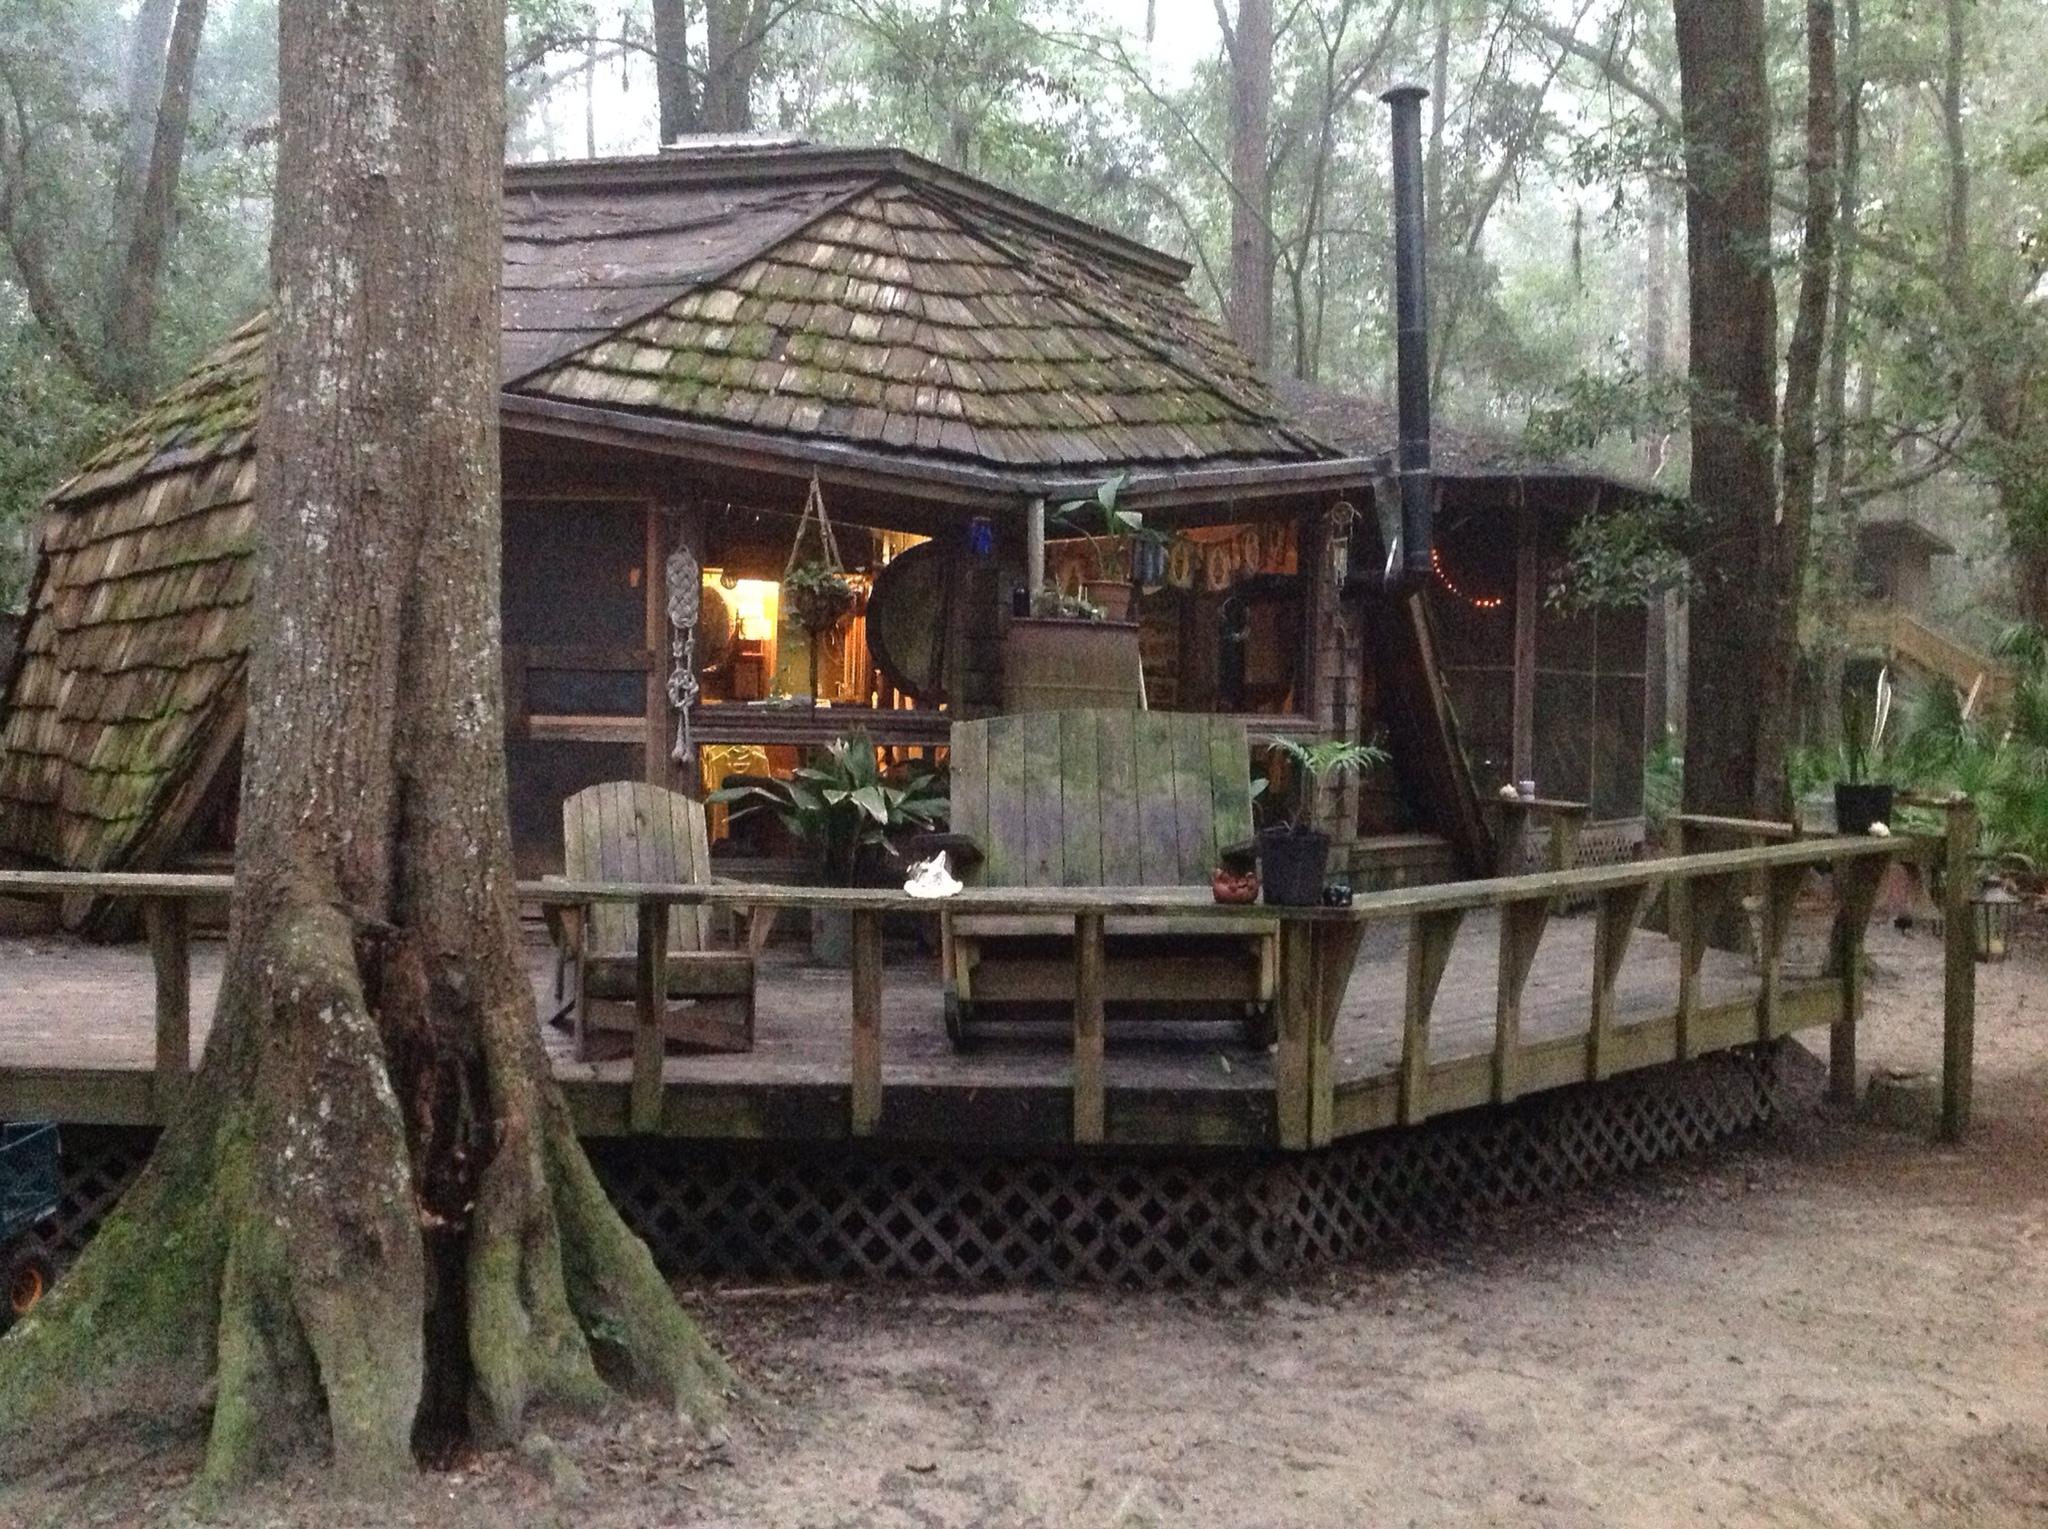 Treehouse Hostel Georgia Part - 33: Nomadic Bytes - WordPress.com